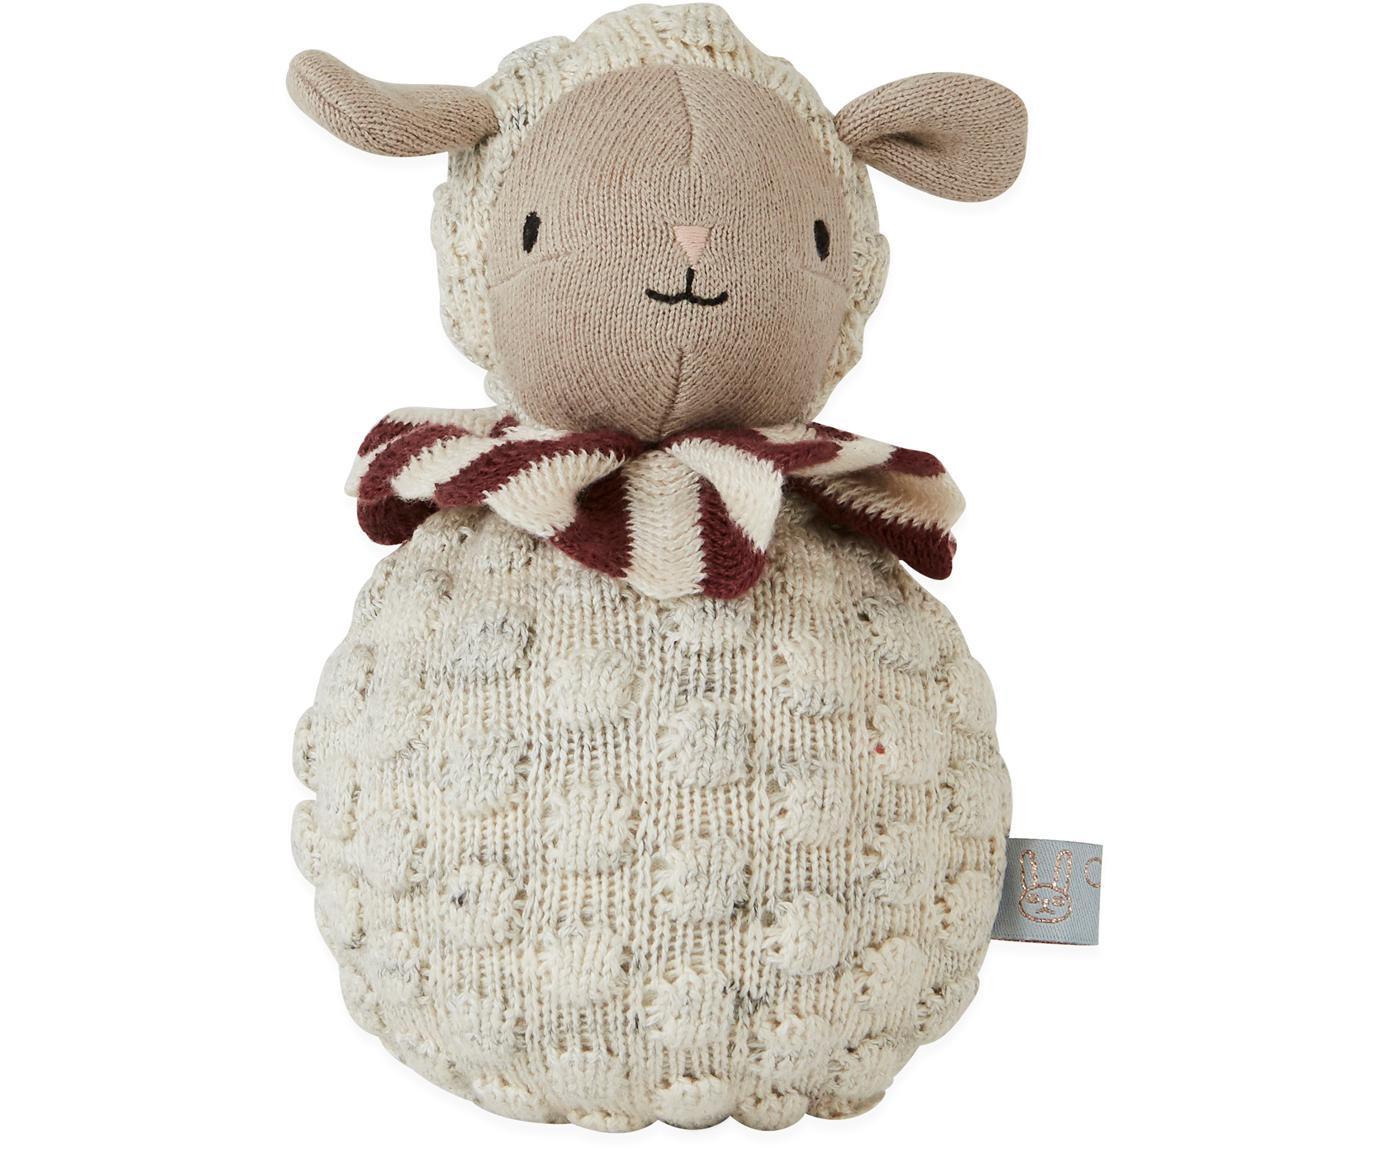 Wańka-wstańka z bawełny  Poly, Bawełna, Kremowy, beżowy, rudy, Ø 11 x W 21 cm